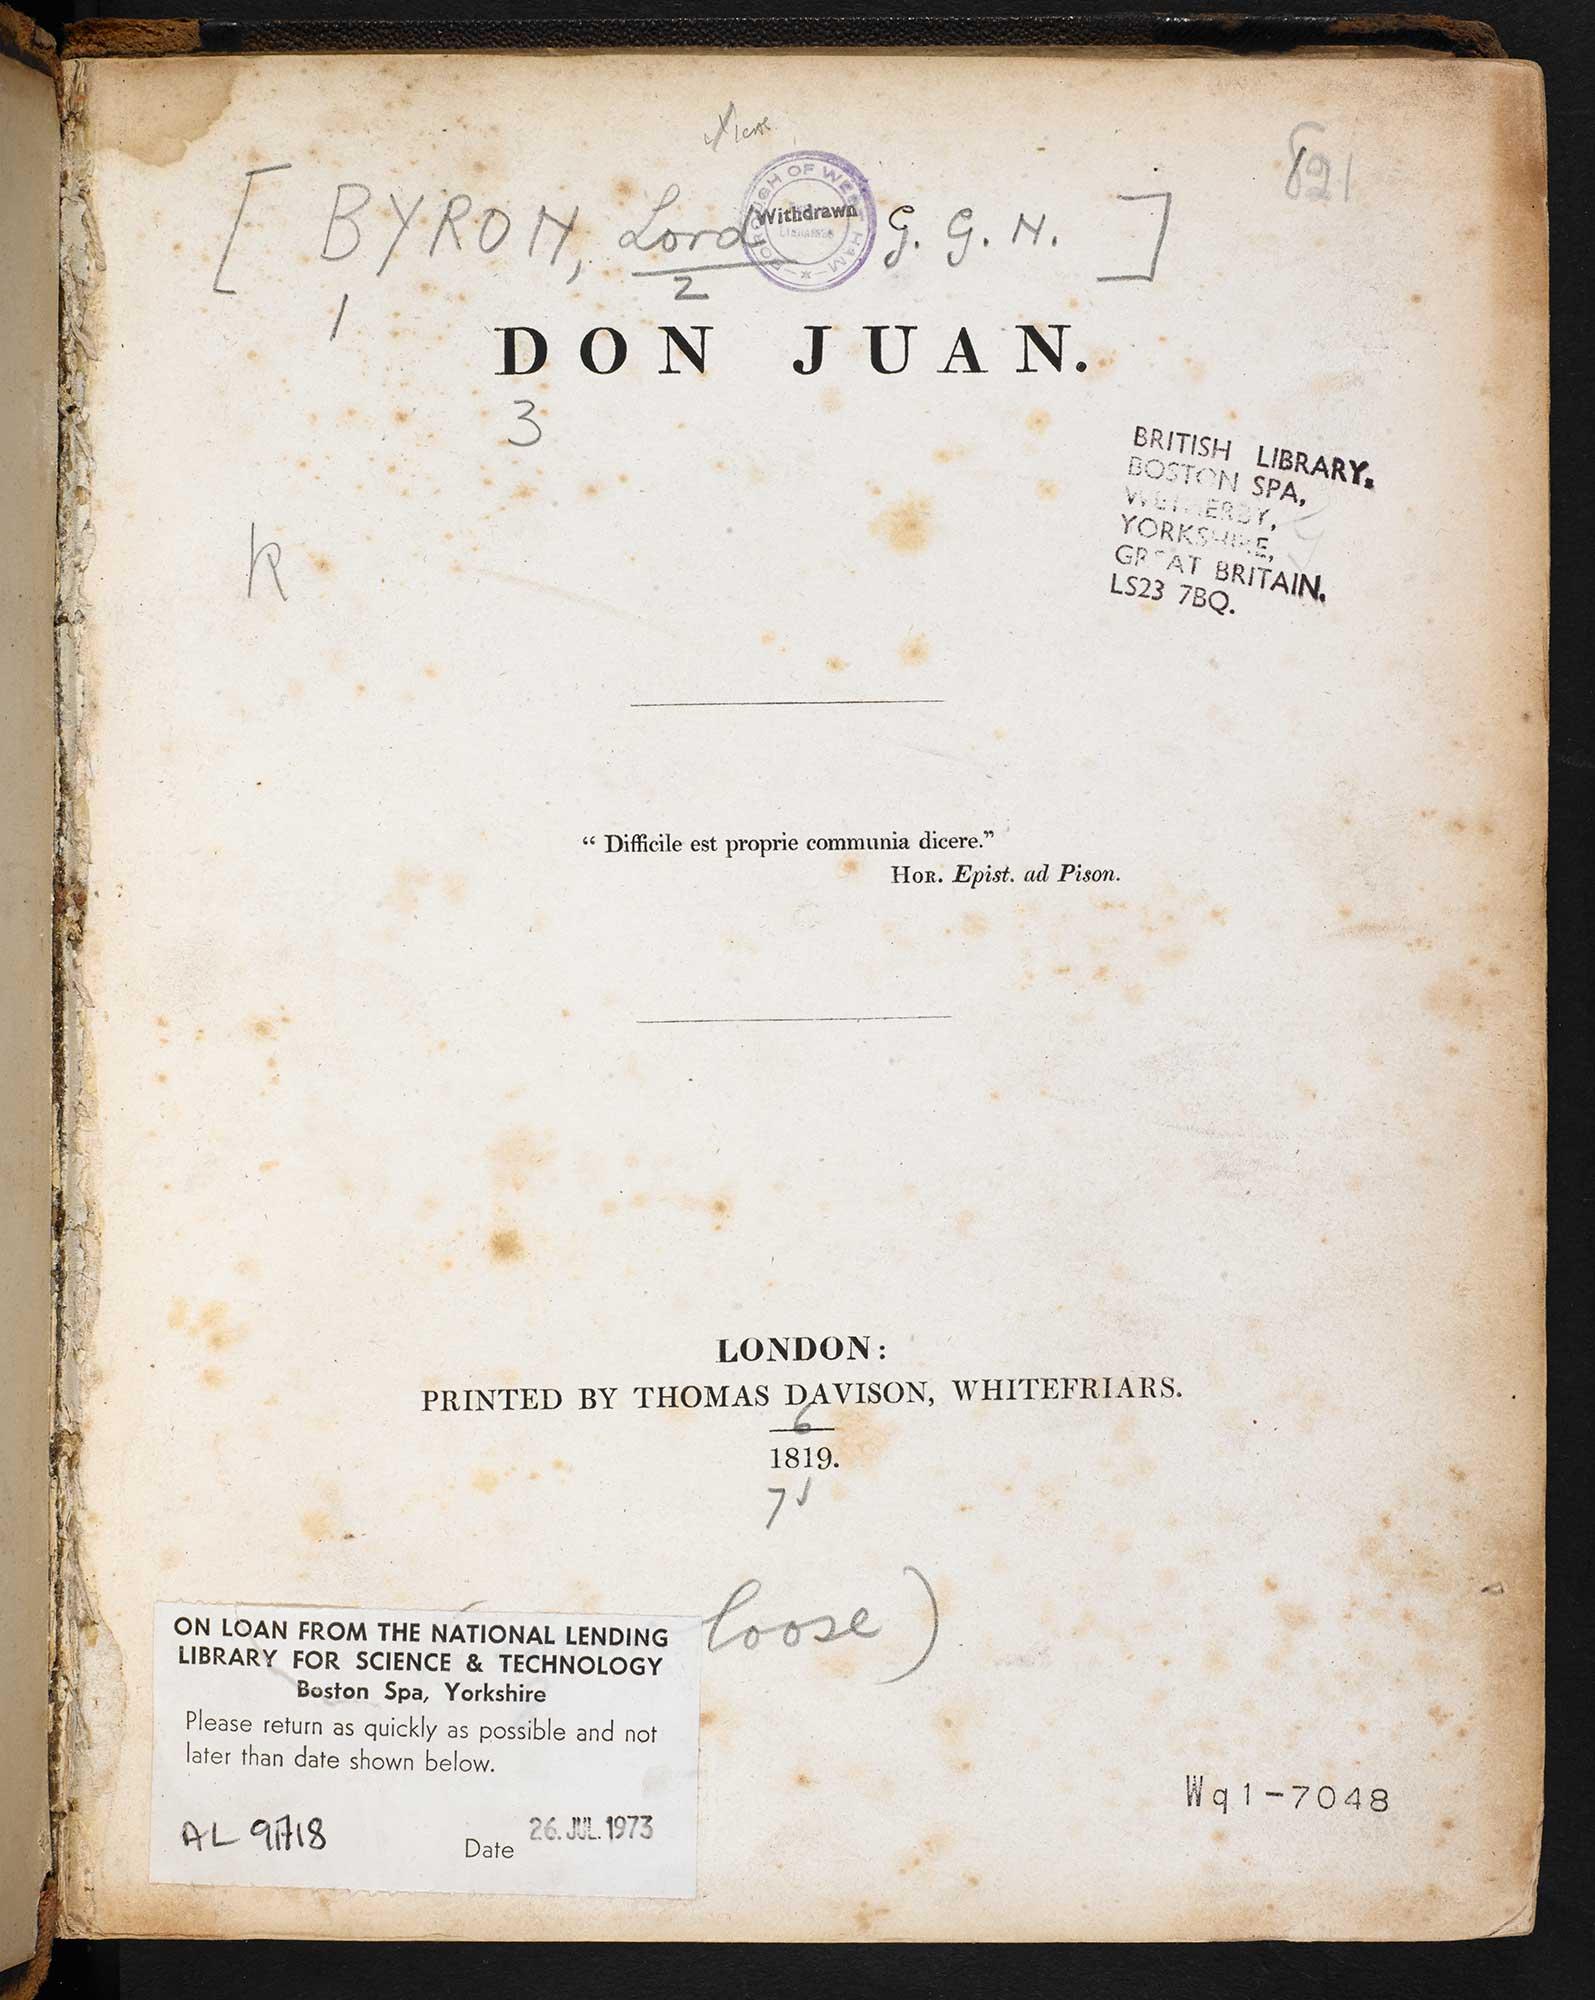 Don Juan, cantos 1-2